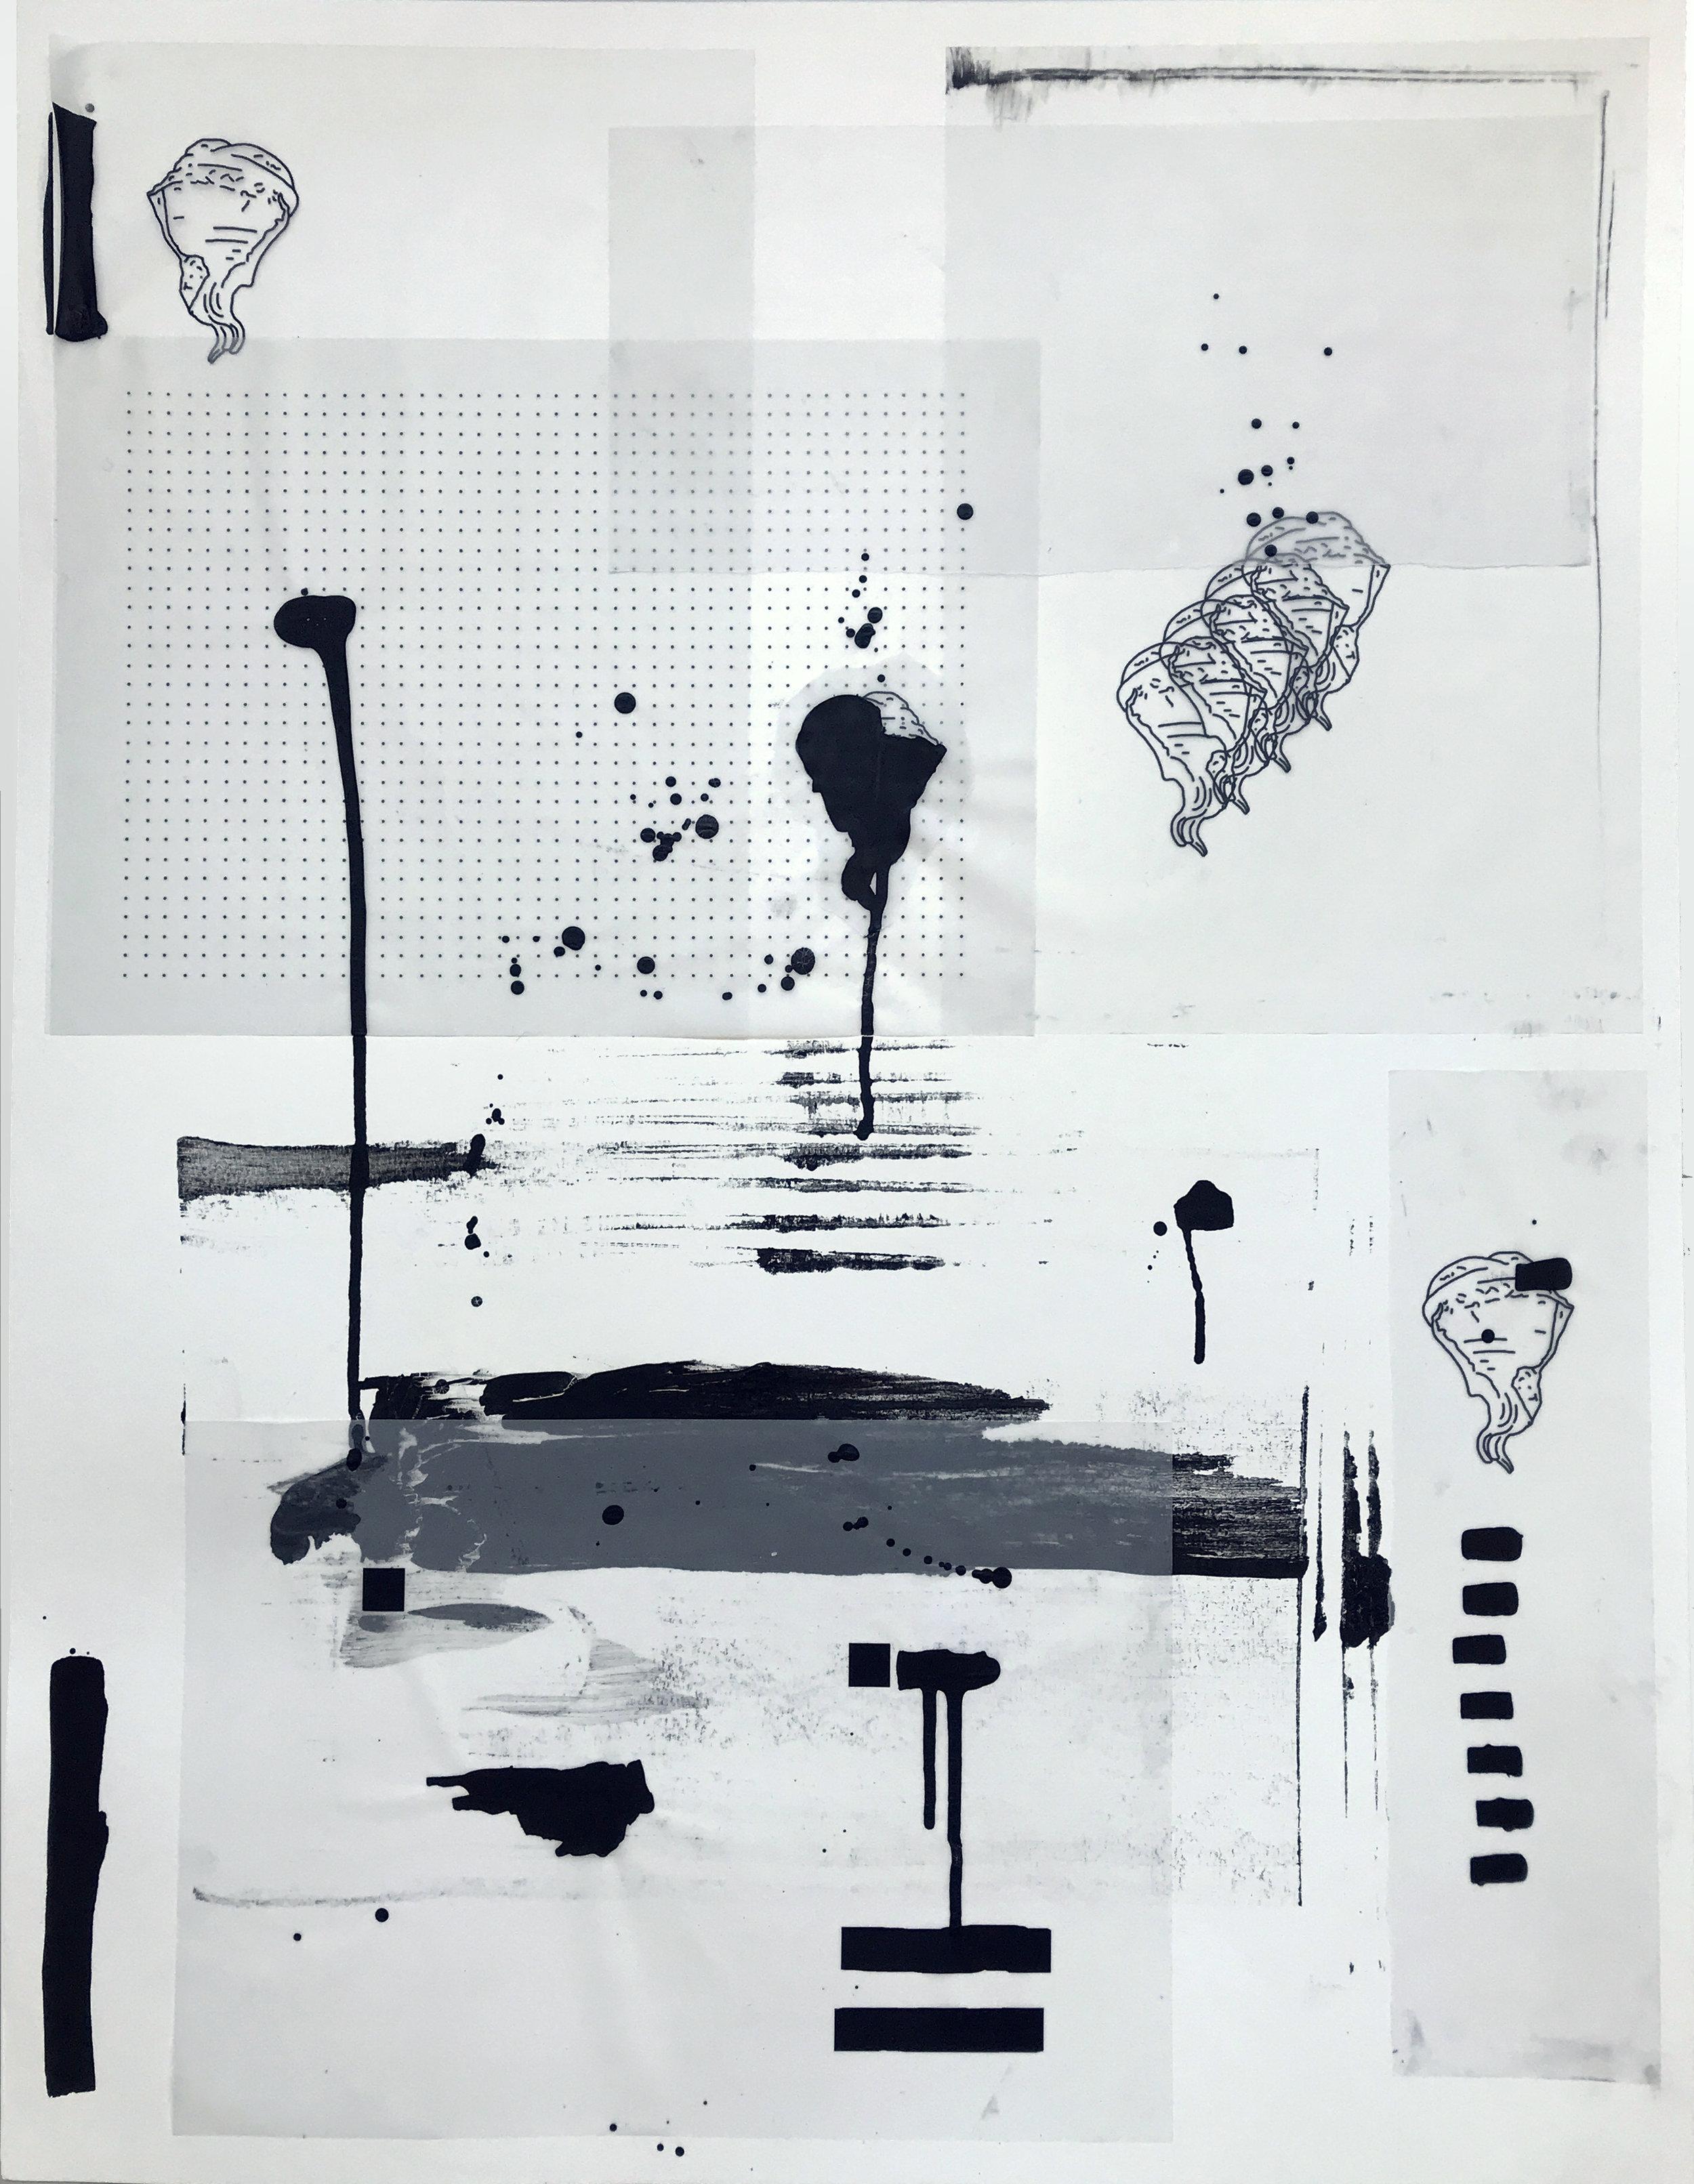 %22Detrás del espejo _ 18%22 - Técnica mixta sobre papel - 65 x 50 cm - Julián Brangold - 2018.jpg